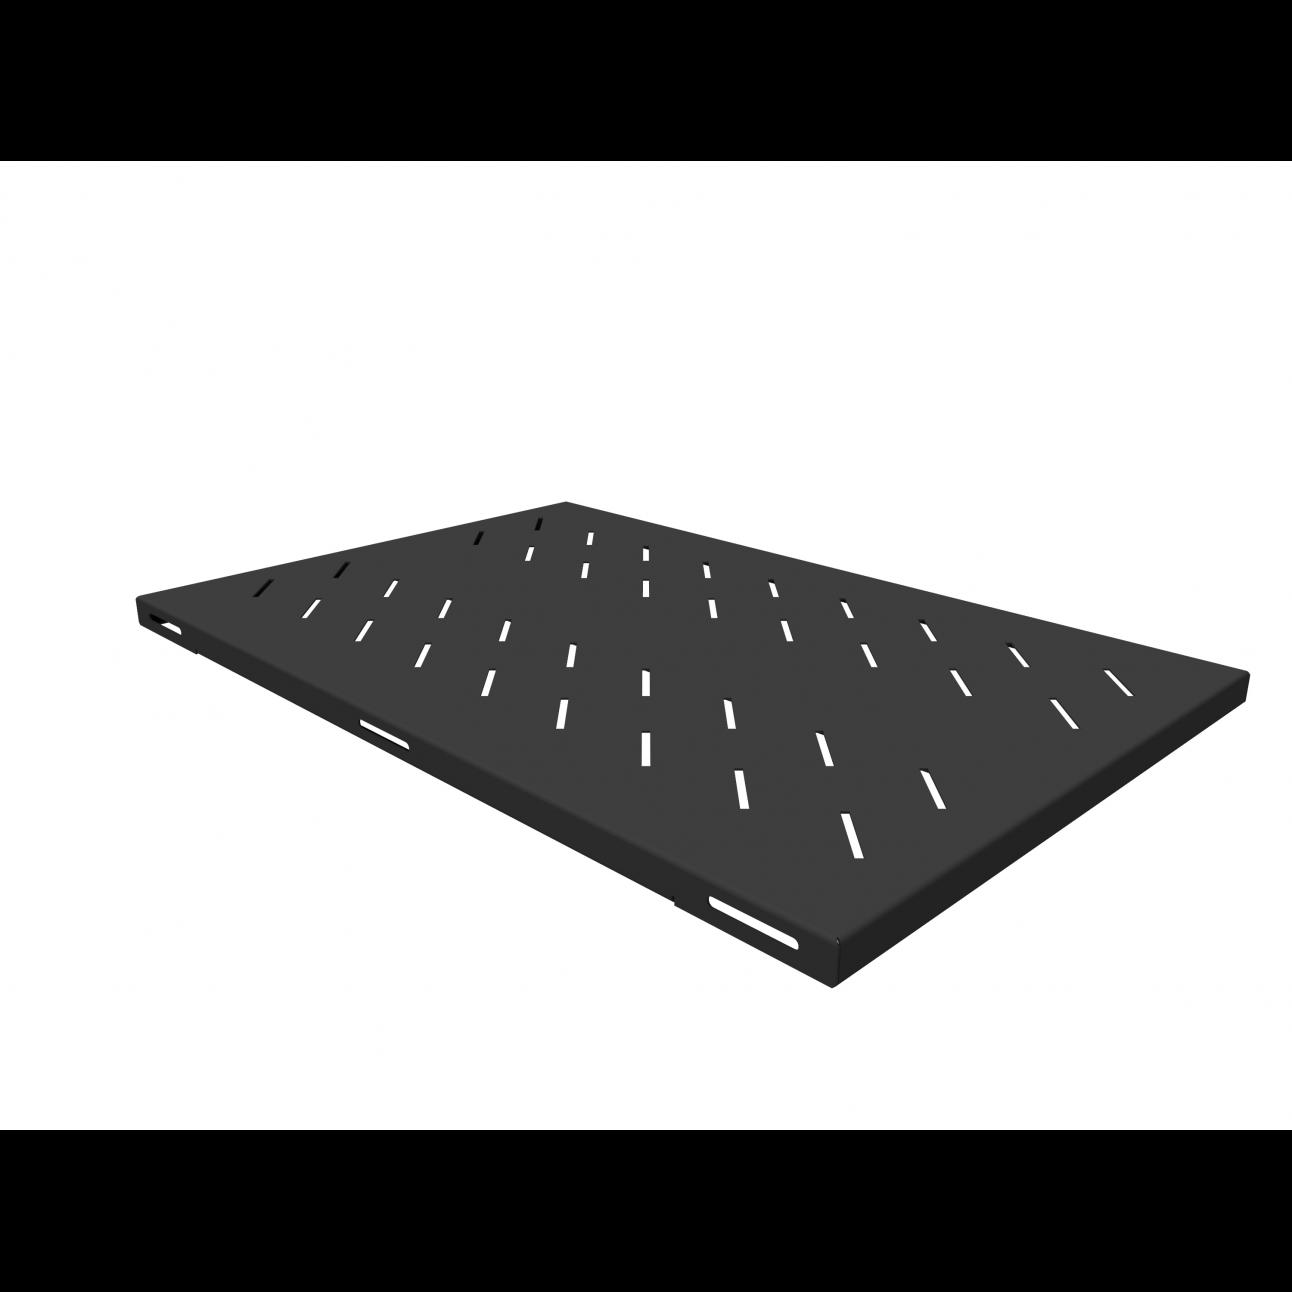 Полка стационарная усиленная для шкафов глубиной 1000мм, (глубина полки 710мм) распределенная нагрузка 120кг, цвет-черный, вмятина и царапина на полке